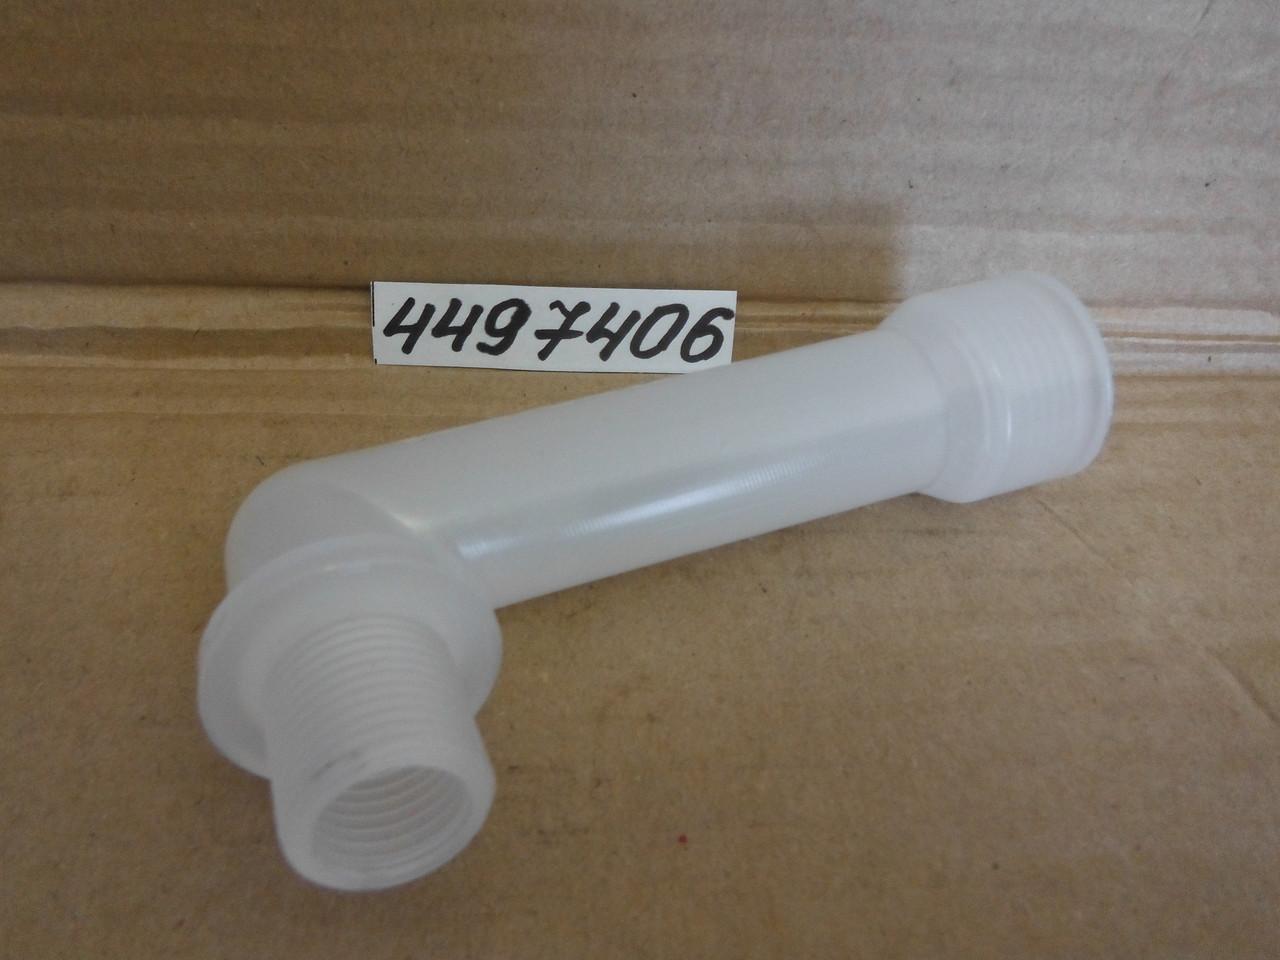 STILL 4497406 трубка